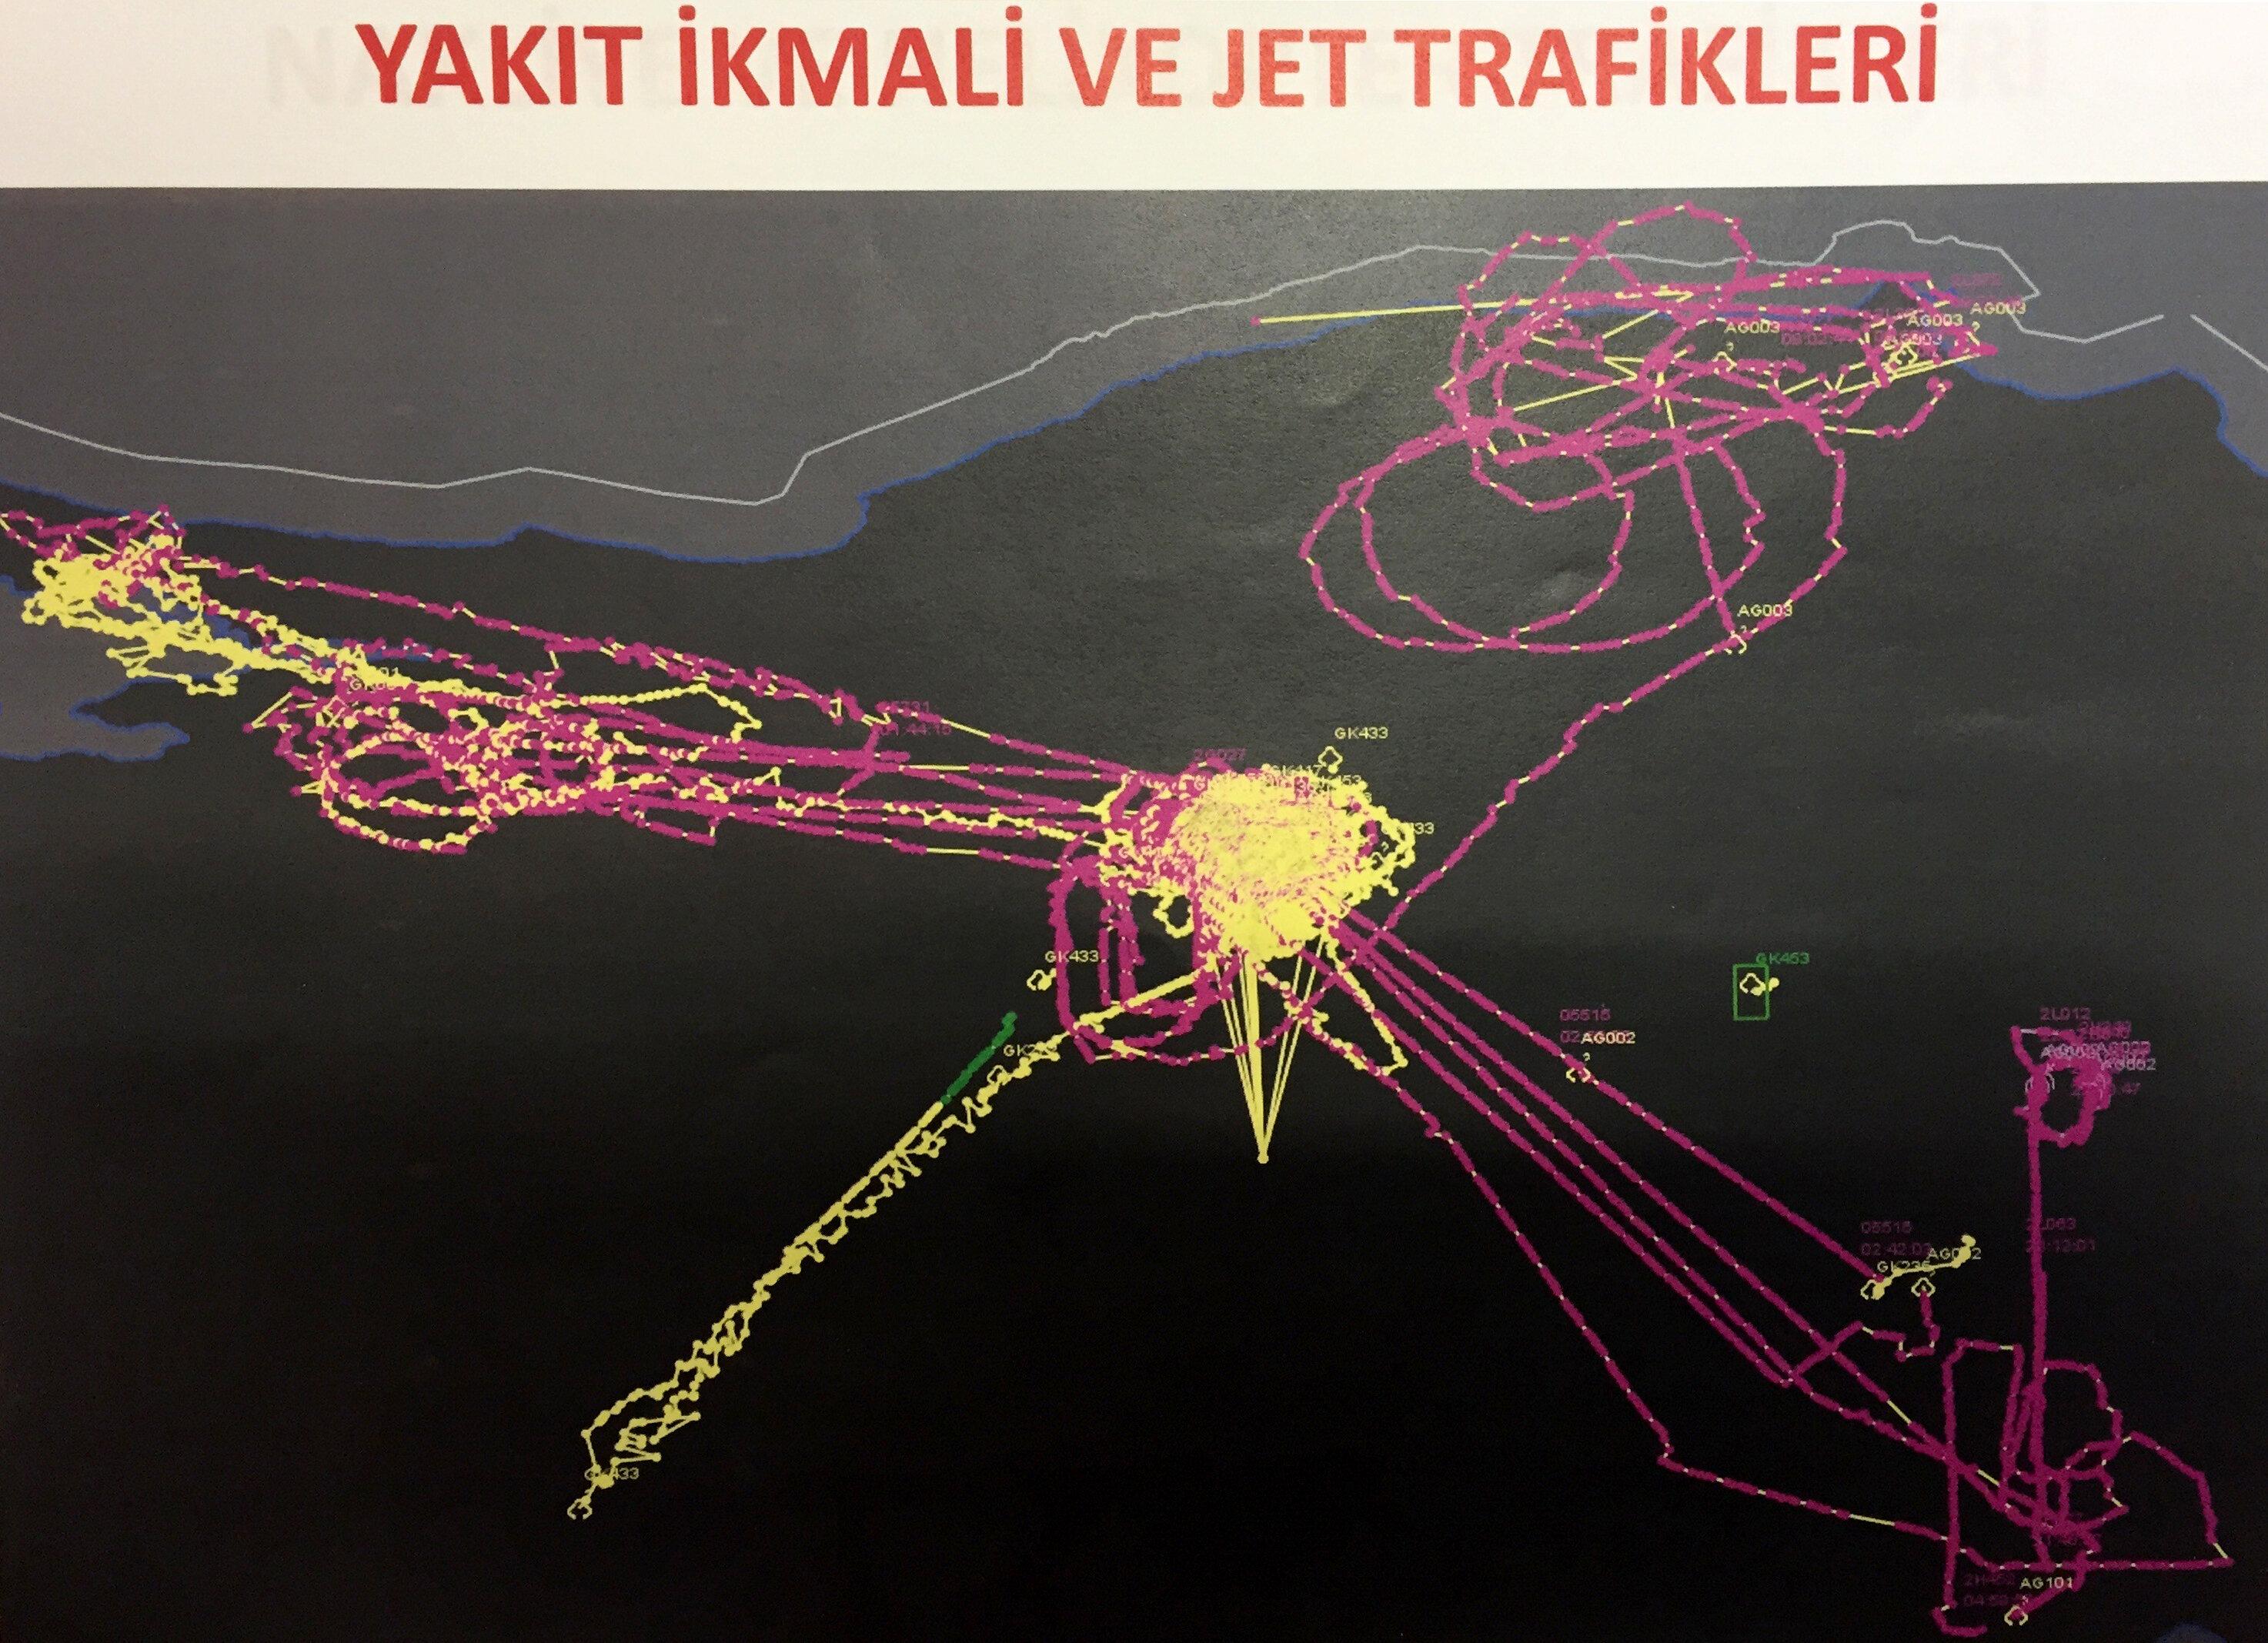 Radar izlerine göre, darbe girişimi gecesi İncirlik üzerinde de yoğun bir hava trafiği tespit ediliyor. Buradan kalkan tanker uçaklar, darbecilerin kullandığı savaş uçaklarına yakıt ikmali yaptıkları tespit edilmişti. Ayrıca uçuş kayıtlarında, yakıt ikmalleri de yer alıyor.